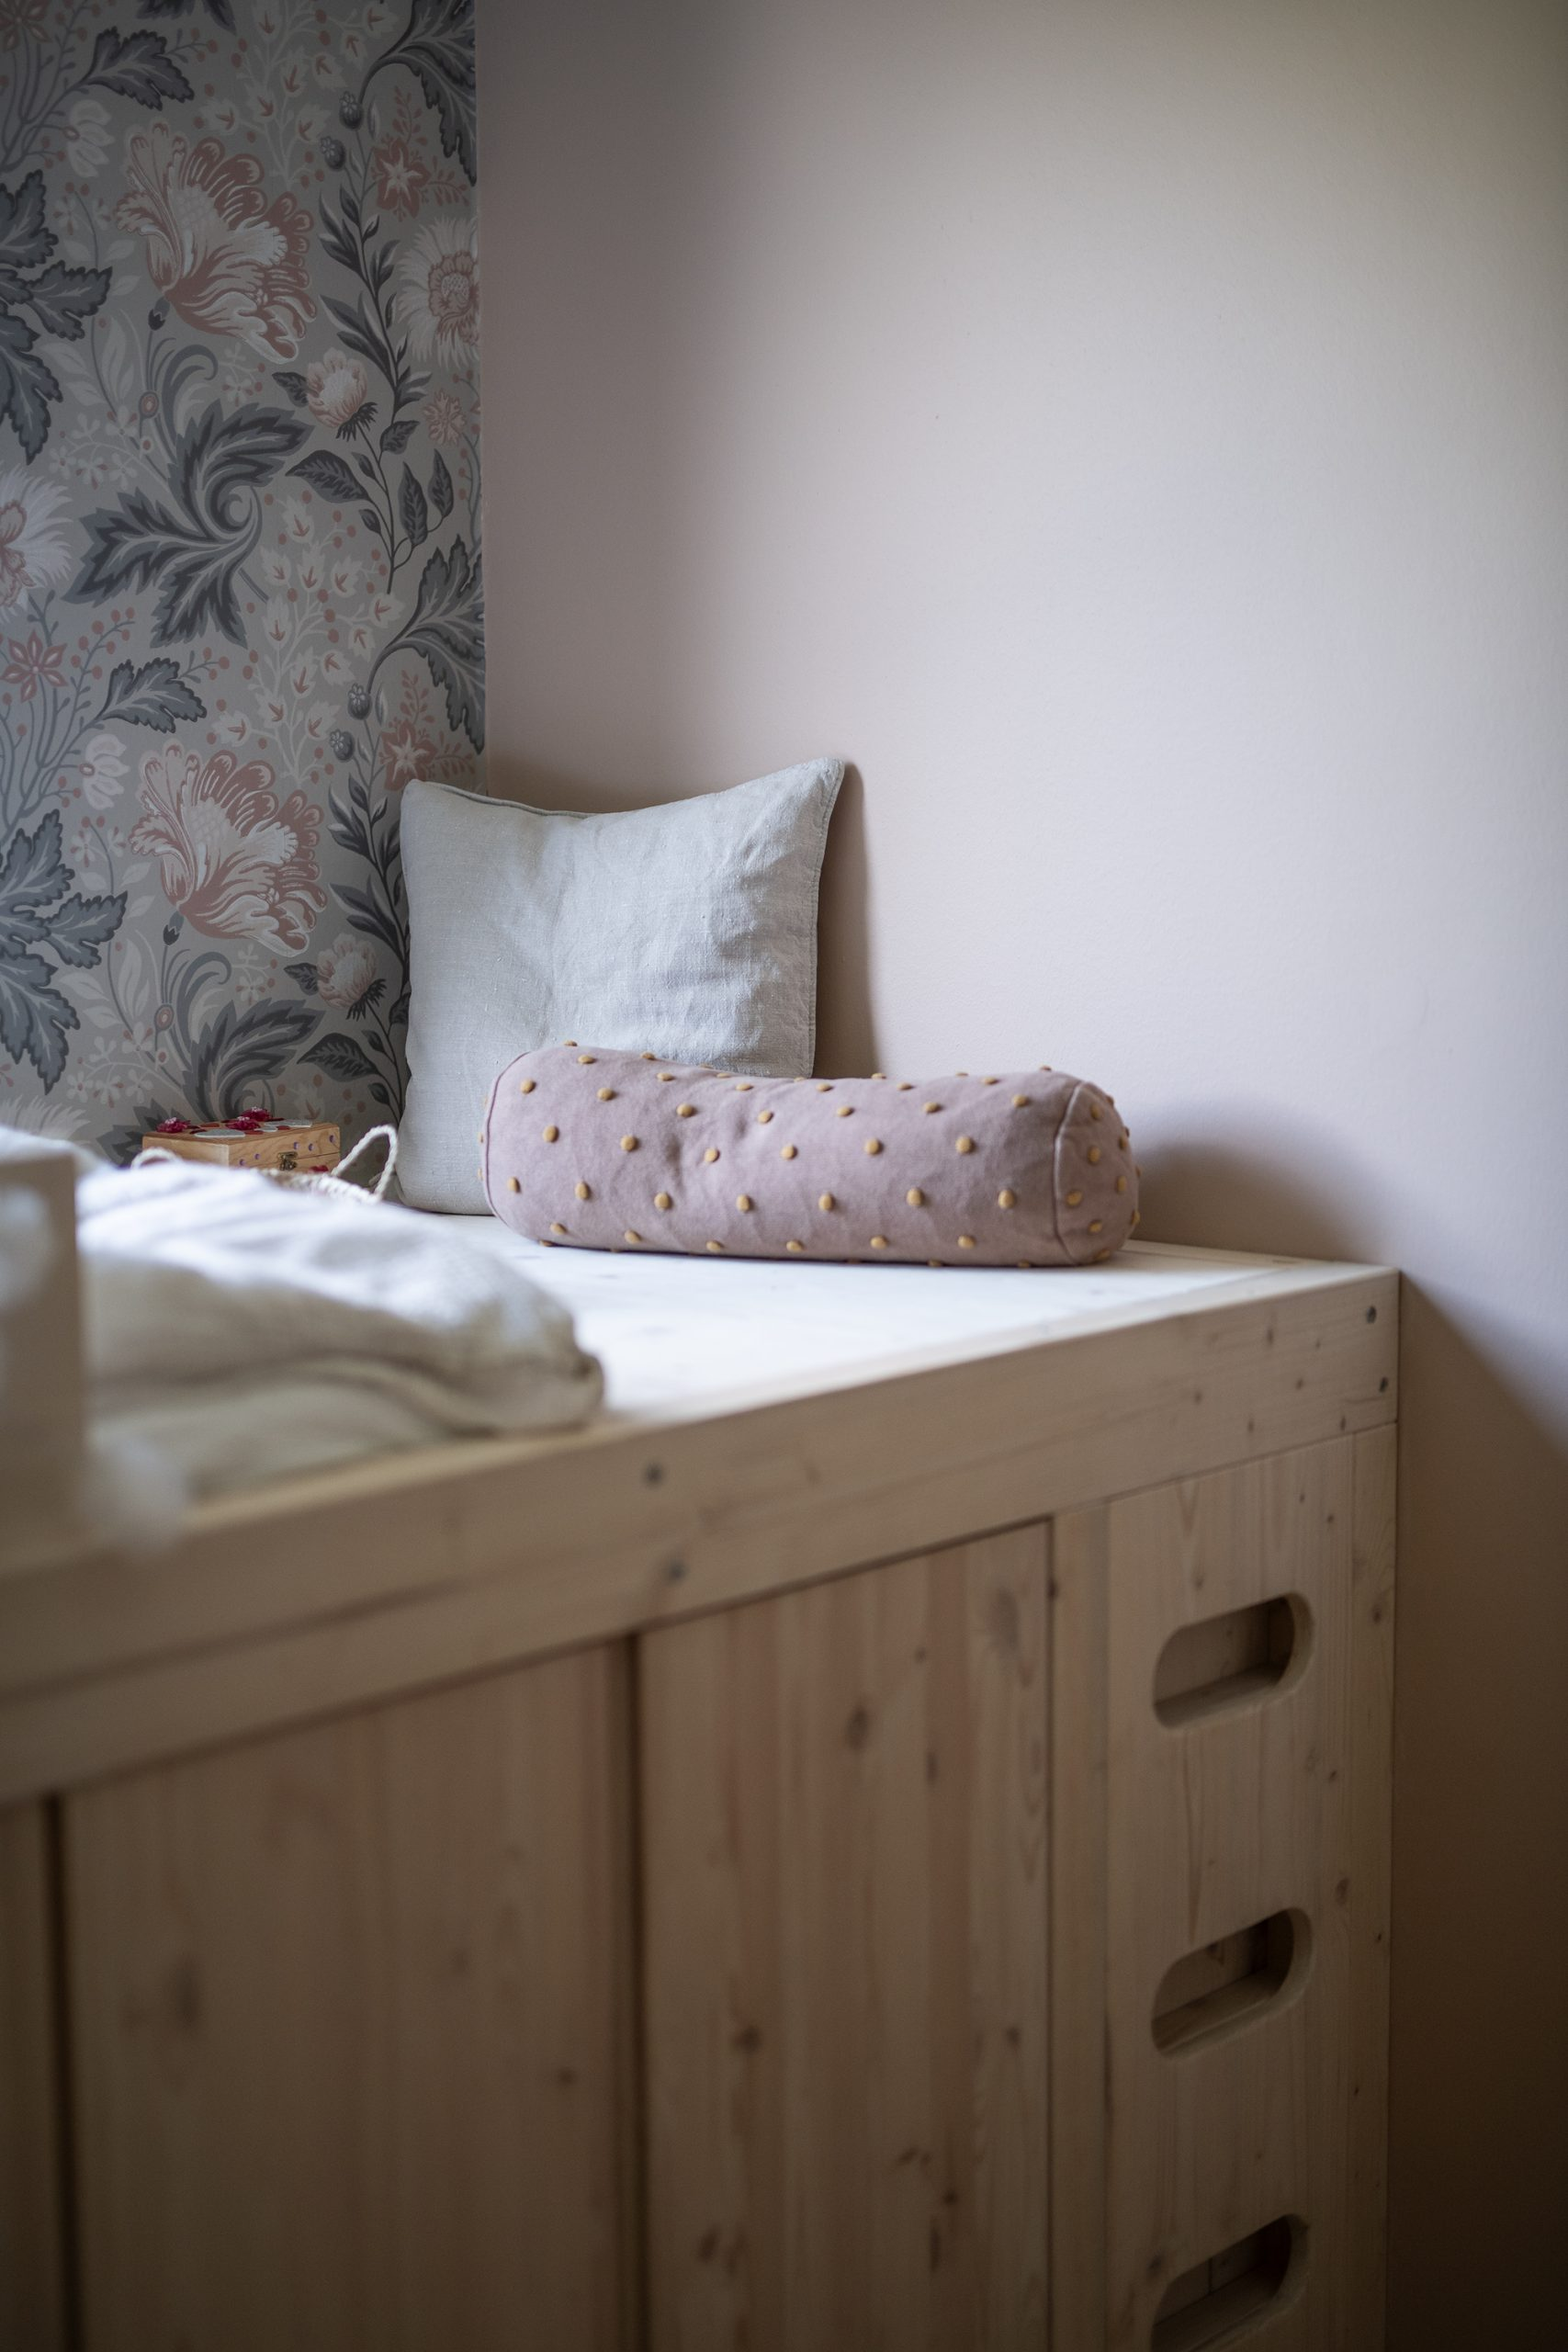 Full Size of Diy Ein Bett Aus Ivar Schrnken Paletten Kaufen Betten Für übergewichtige 180x200 Französische Liegehöhe 60 Cm Chesterfield Coole Somnus Mädchen 120 Breit Wohnzimmer Diy Bett